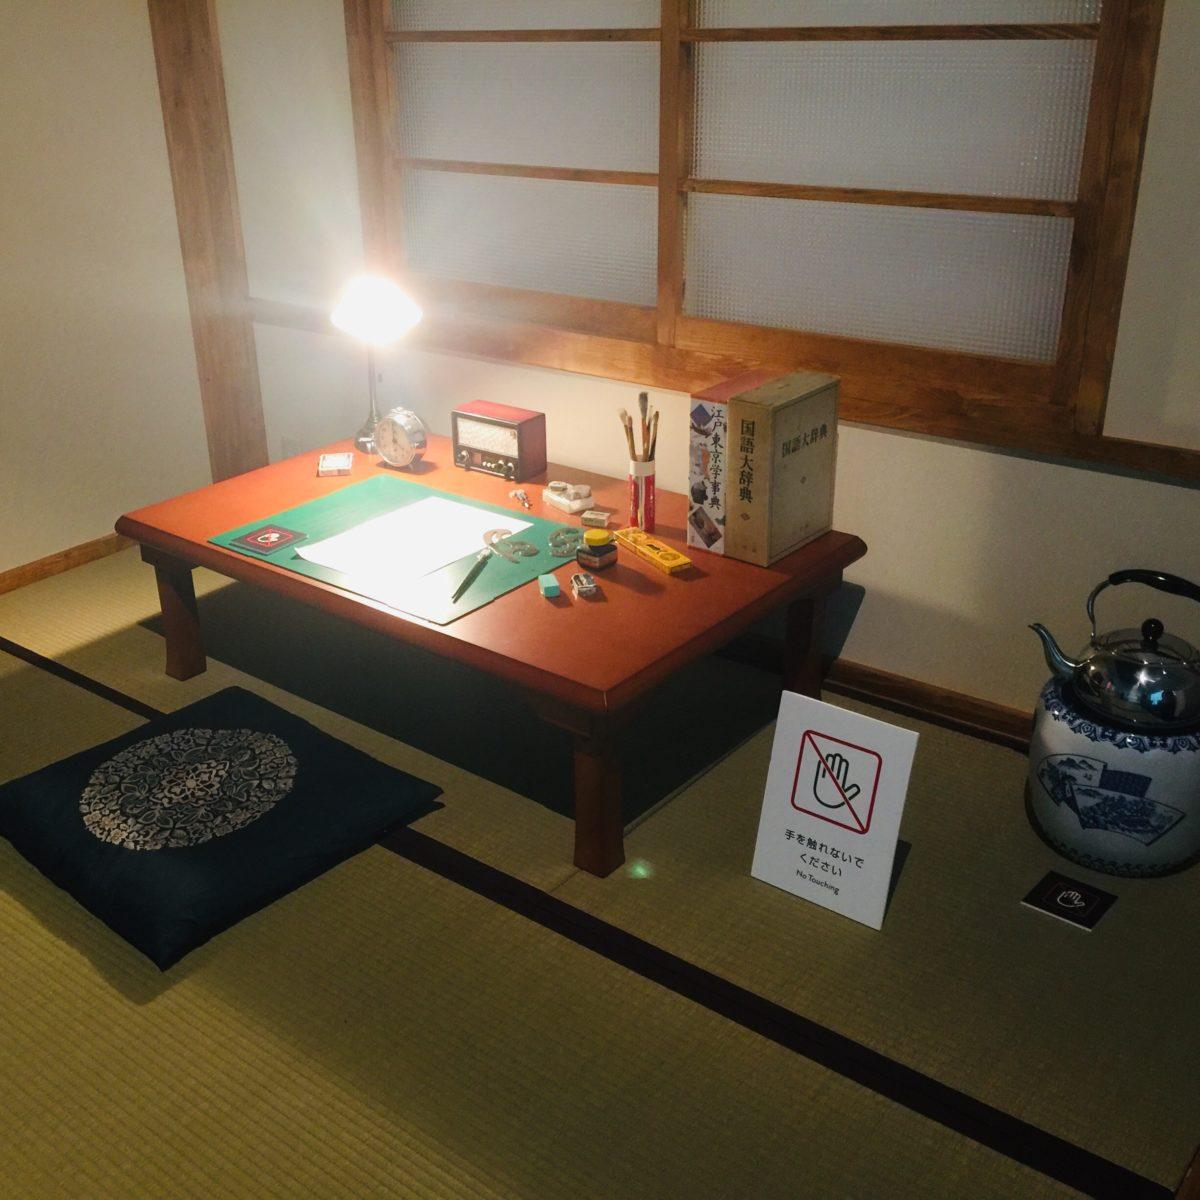 「藤子不二雄Ⓐ展」でのトキワ荘に住んでいた頃の部屋の再現